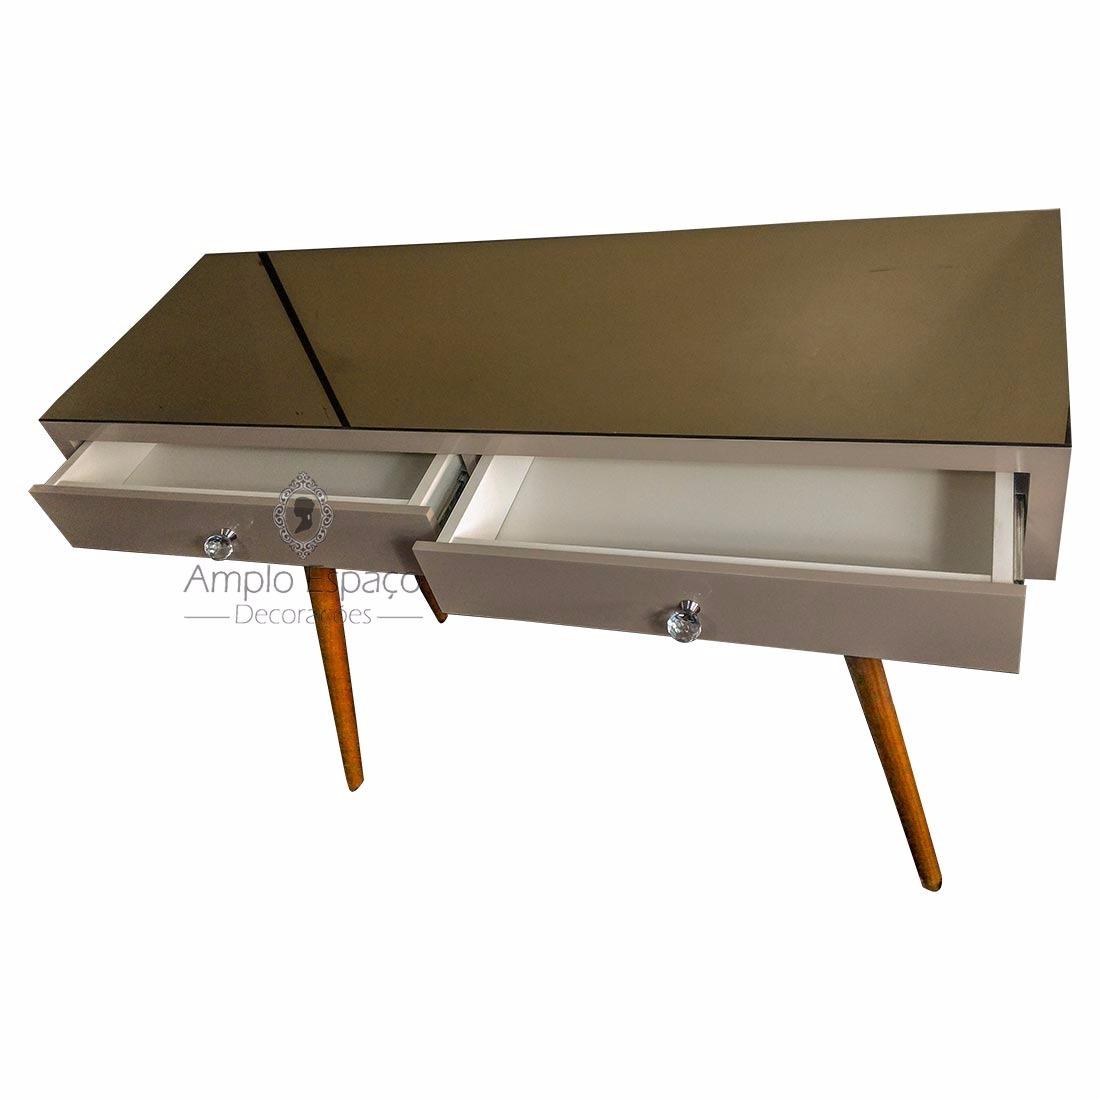 Artesanato De Madeira Paletes ~ Aparador rack Laqueado Com Tampo Em Espelho Bronze R$ 1 299,00 em Mercado Livre